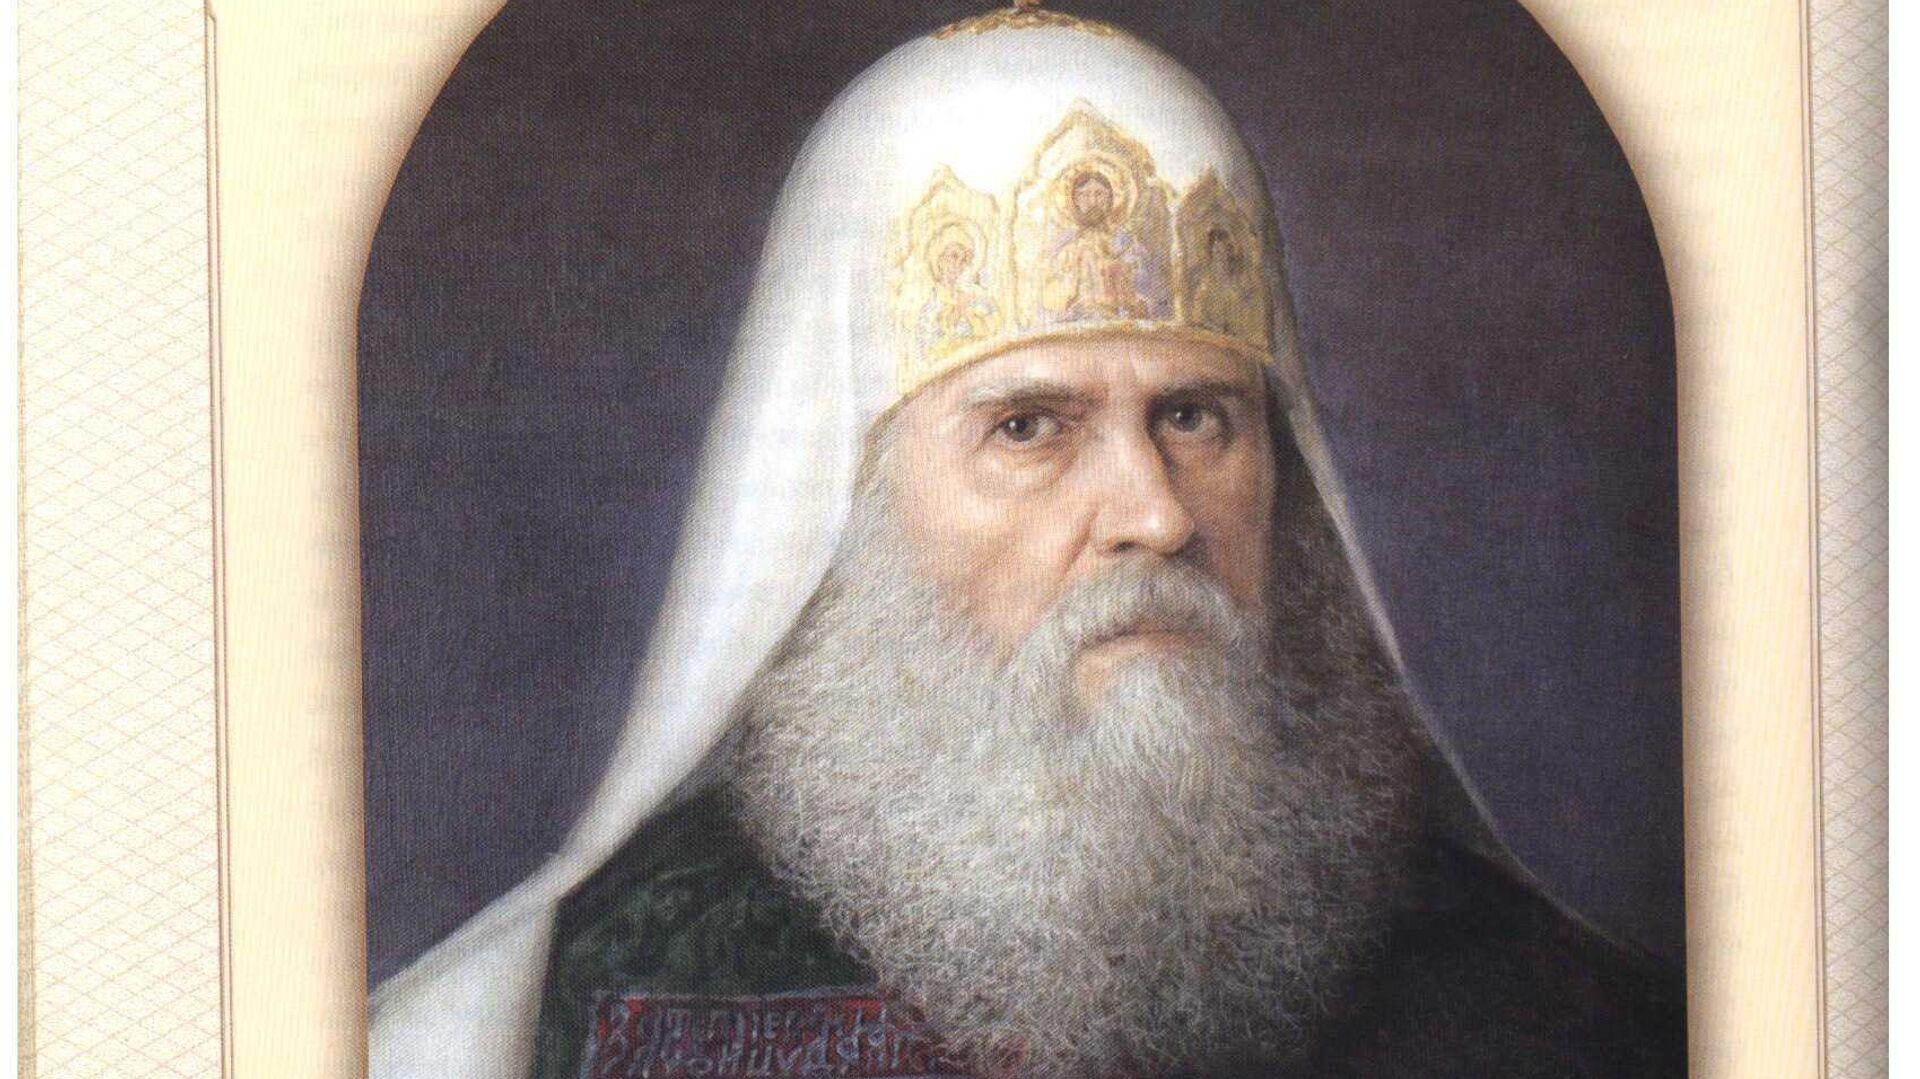 Патриарх Адриан (1690-1700) - РИА Новости, 1920, 12.10.2020